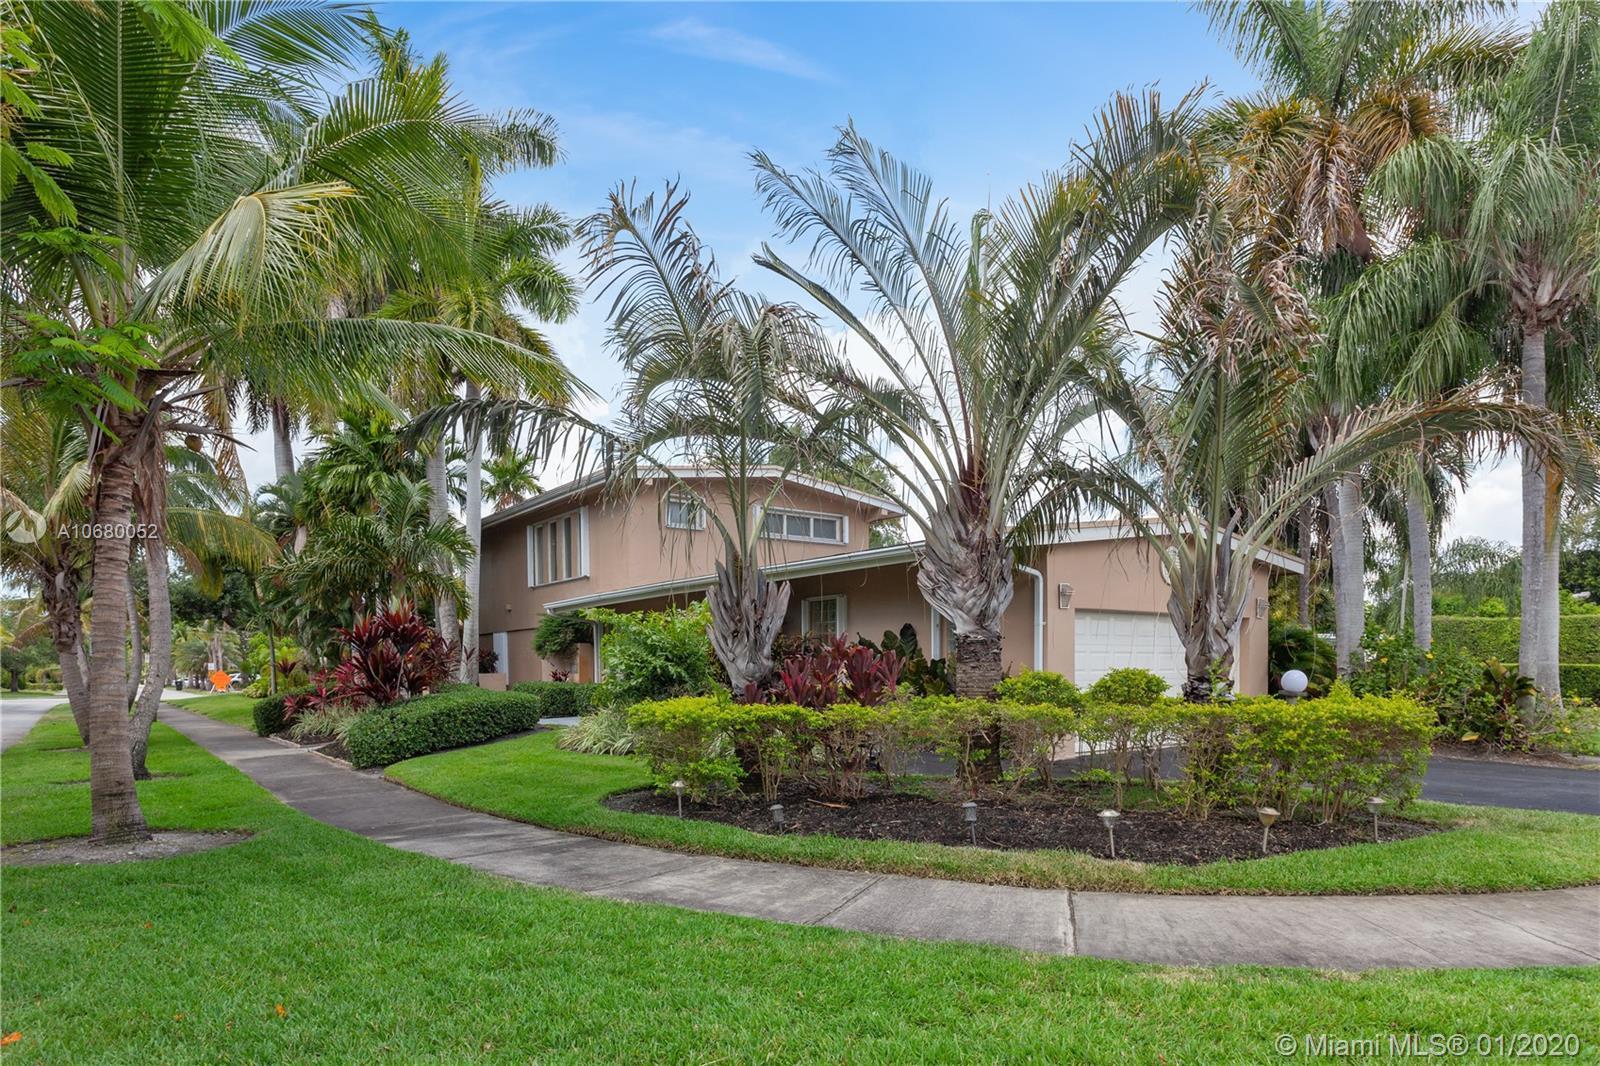 19200 NE 20th Ct, North Miami Beach, FL 33179